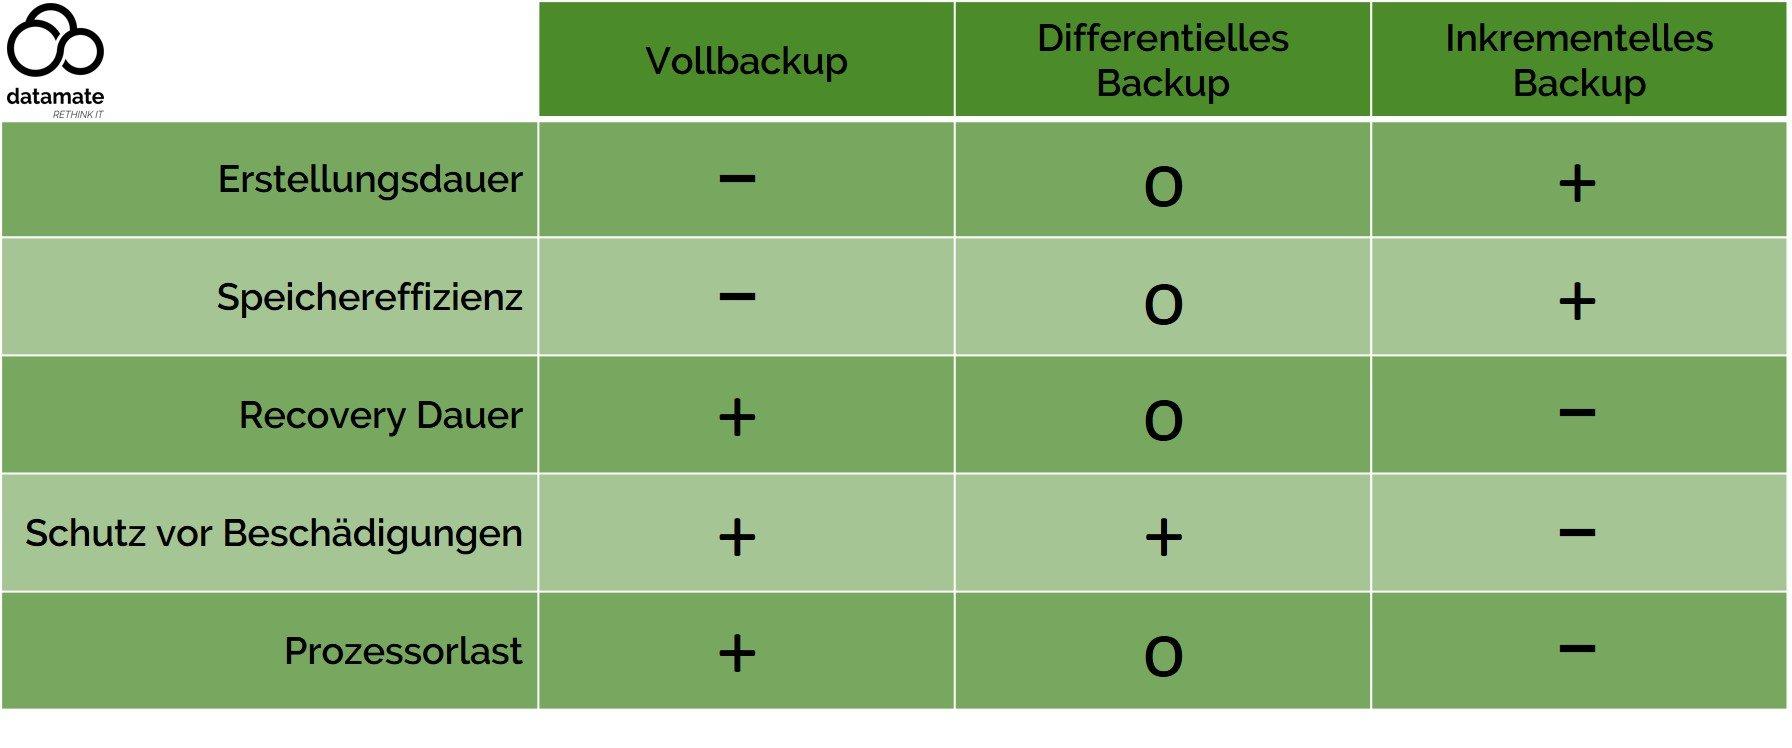 Tabellarische Gegenüberstellung der Vor- und Nachteile von drei Backupmethoden